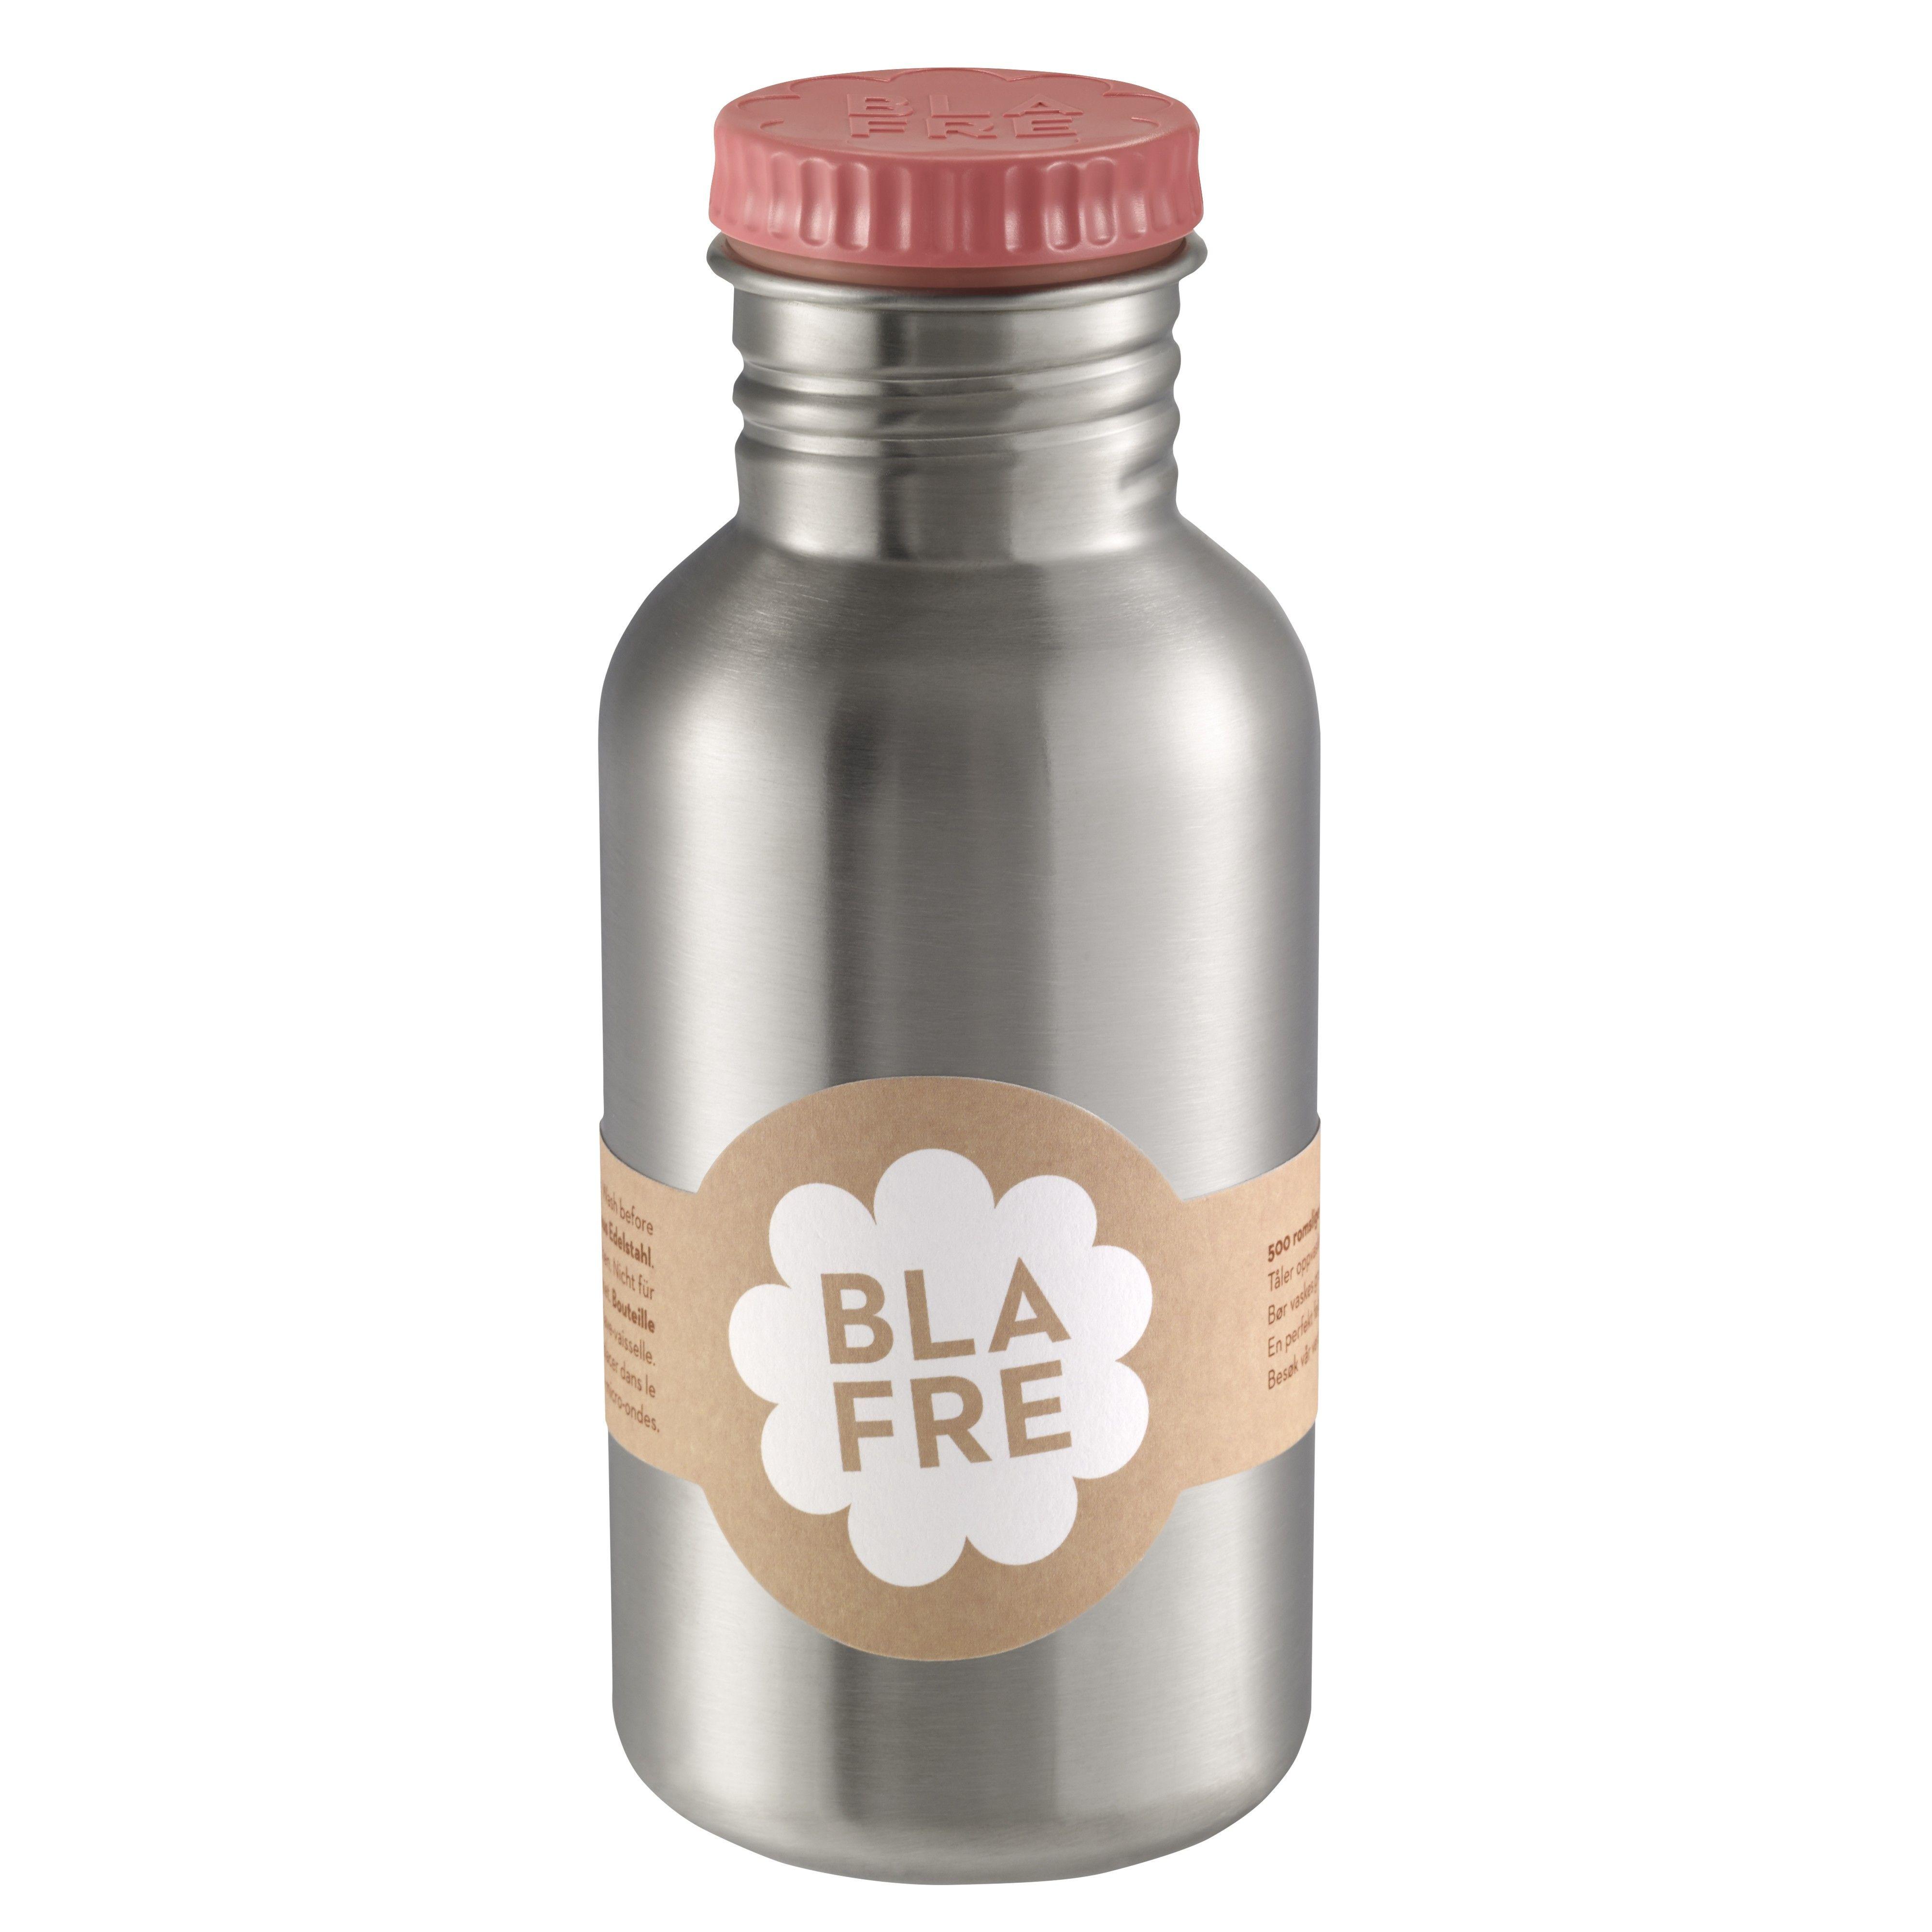 Image of Drikkeflaske i rustfri stål fra Blafre (500 ml) - Rosa (4551)